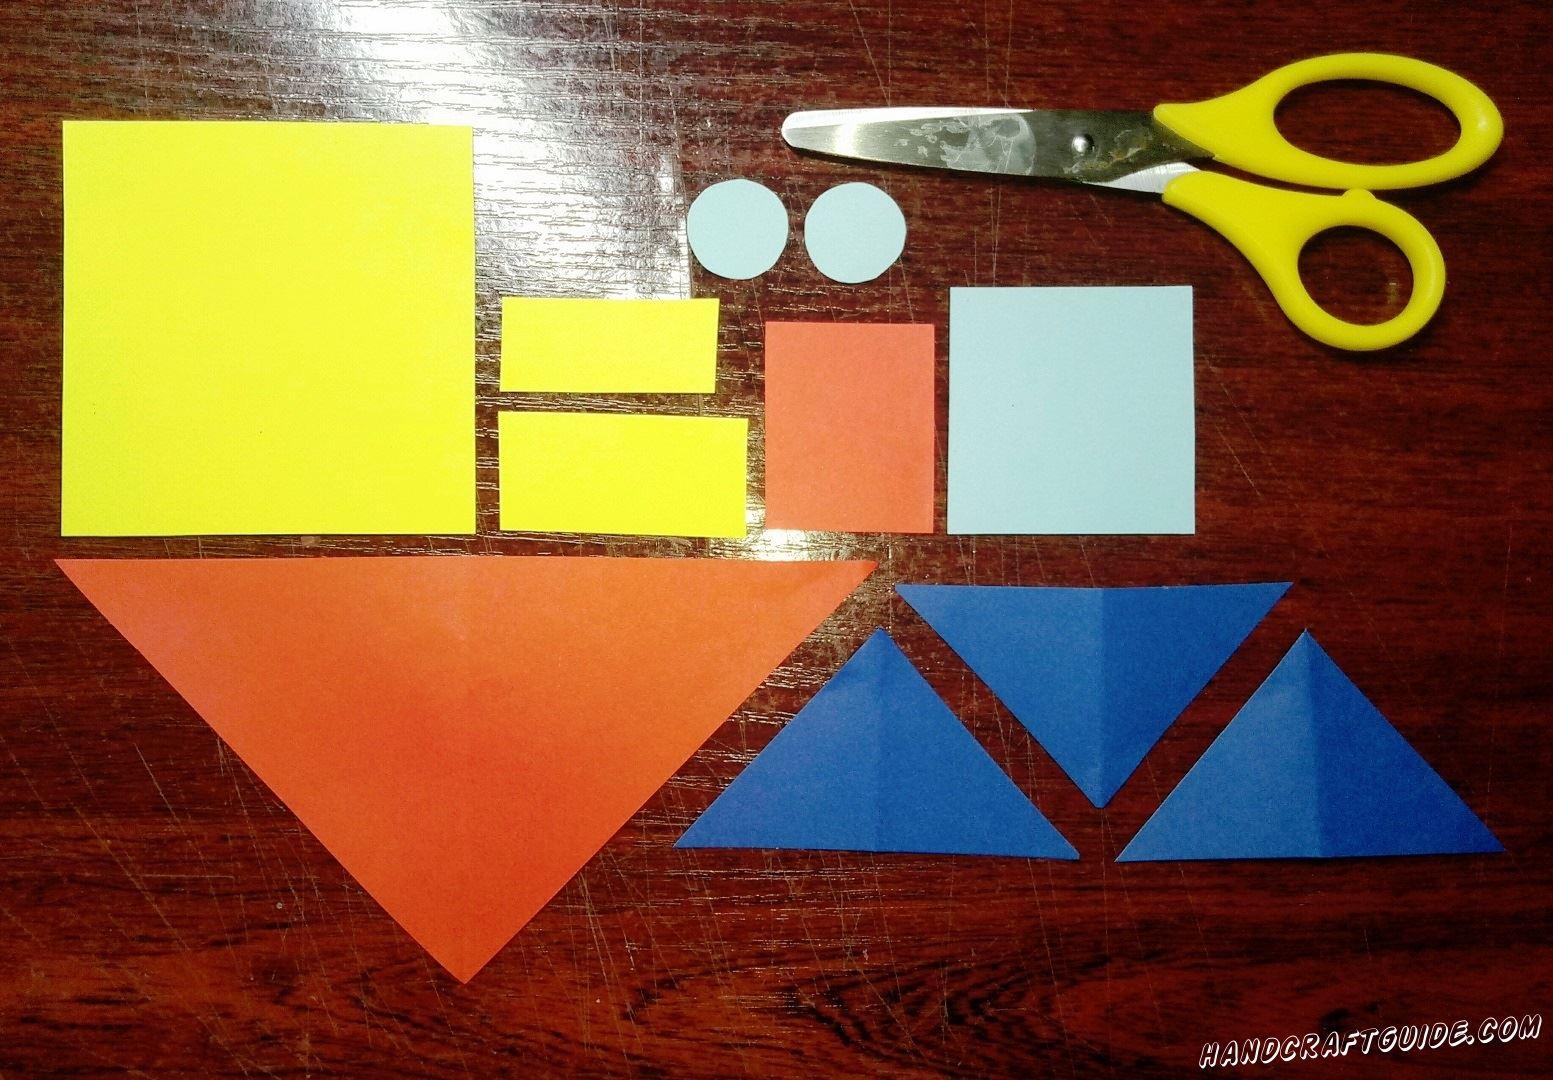 Для начала берем в руки бумаги, ножницы и вырезаем все необходимые нам фигурки: квадрат и два прямоугольника желтого цвета, три треугольника синего цвета, красный большой треугольник и небольшой квадрат, квадрат и два кружочка голубого цвета.